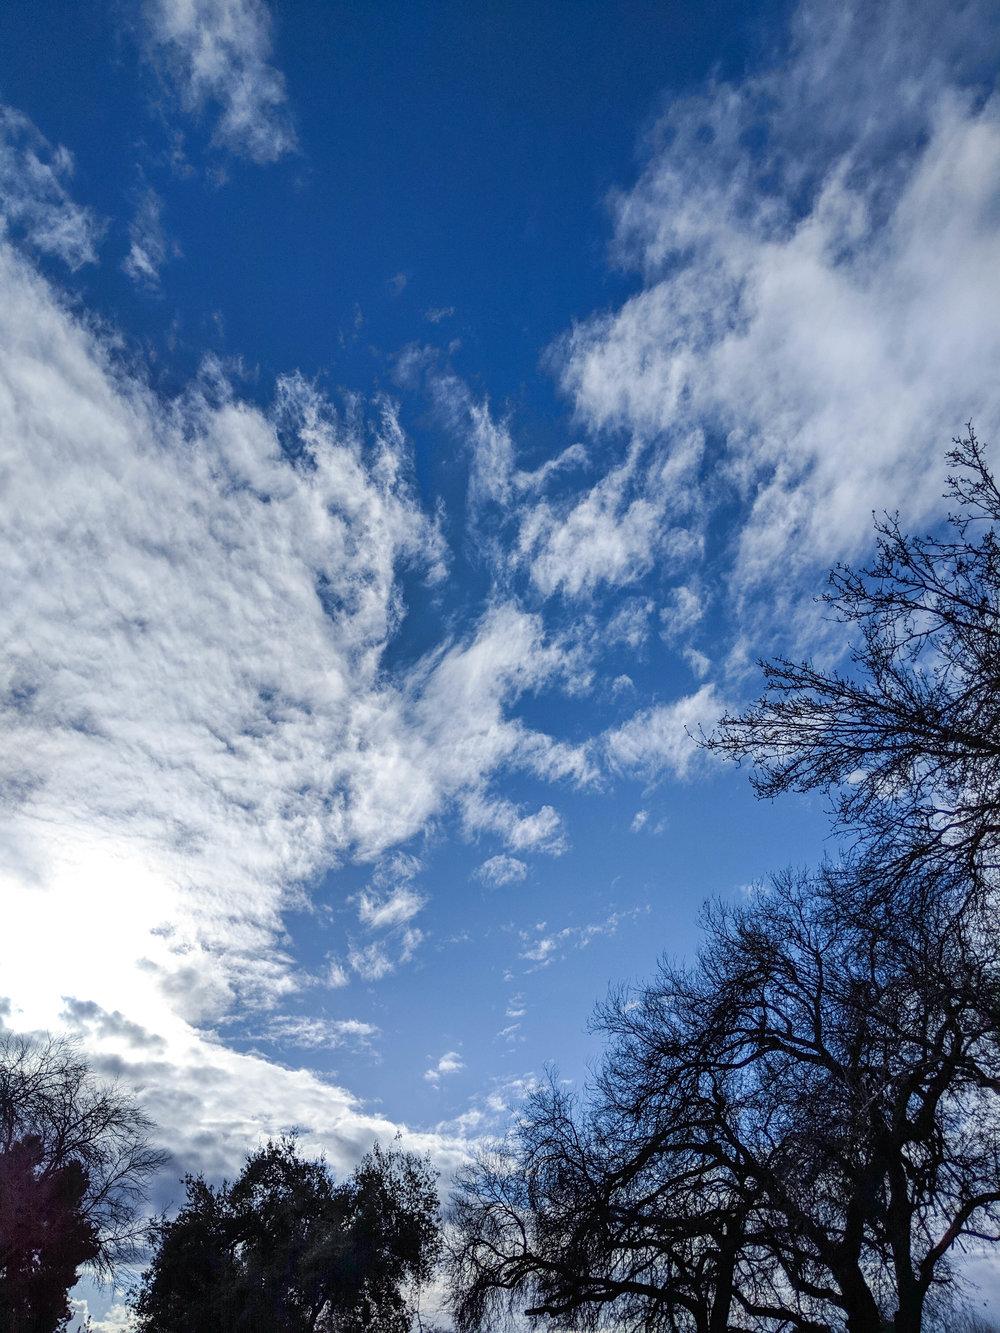 bri rinehart; hanford; photography; nature; california